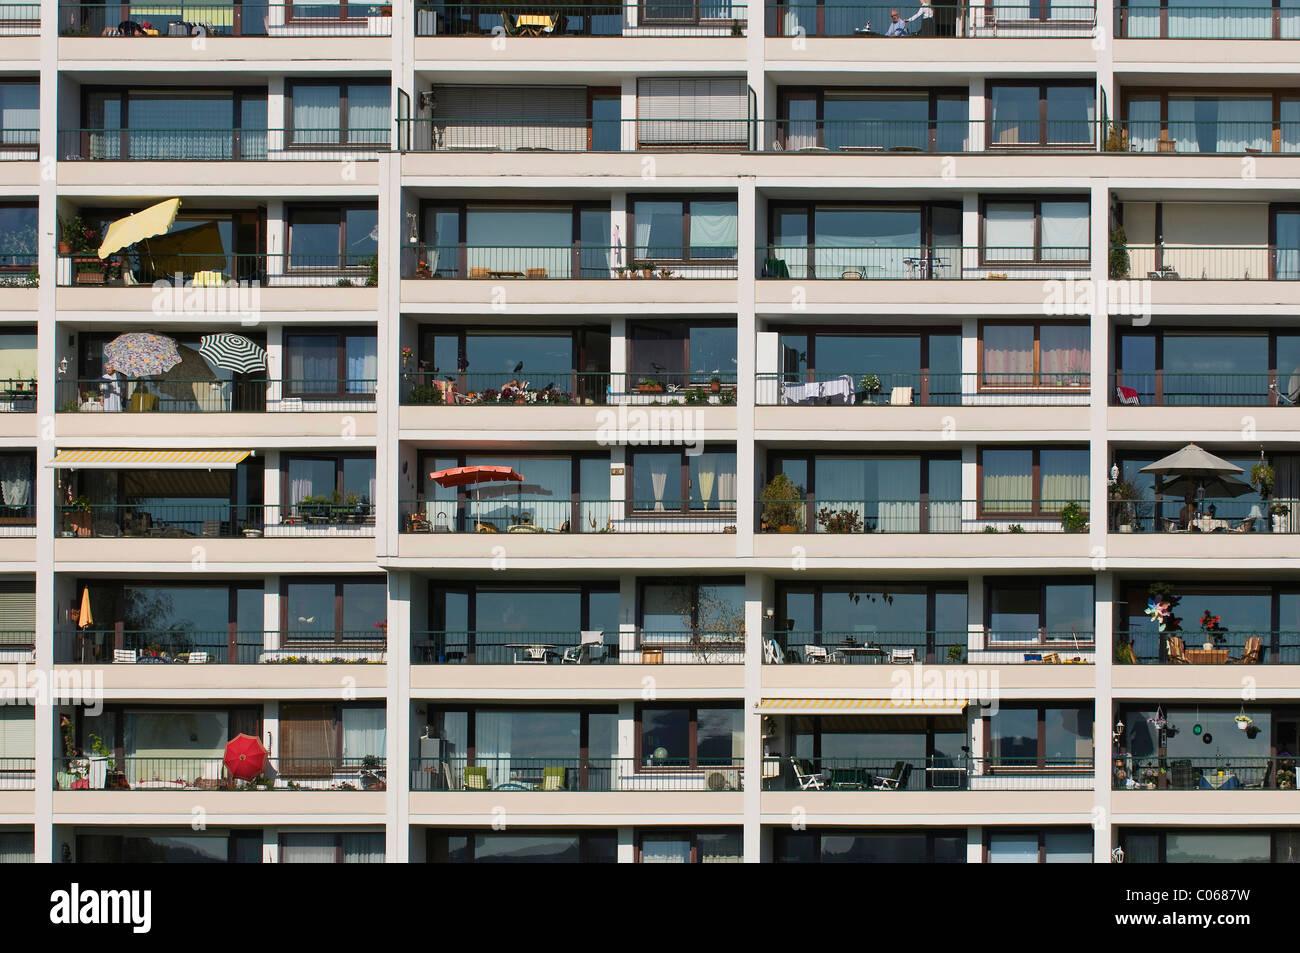 Fachada de la casa, muchos balcones con sombrillas y mobiliario Imagen De Stock